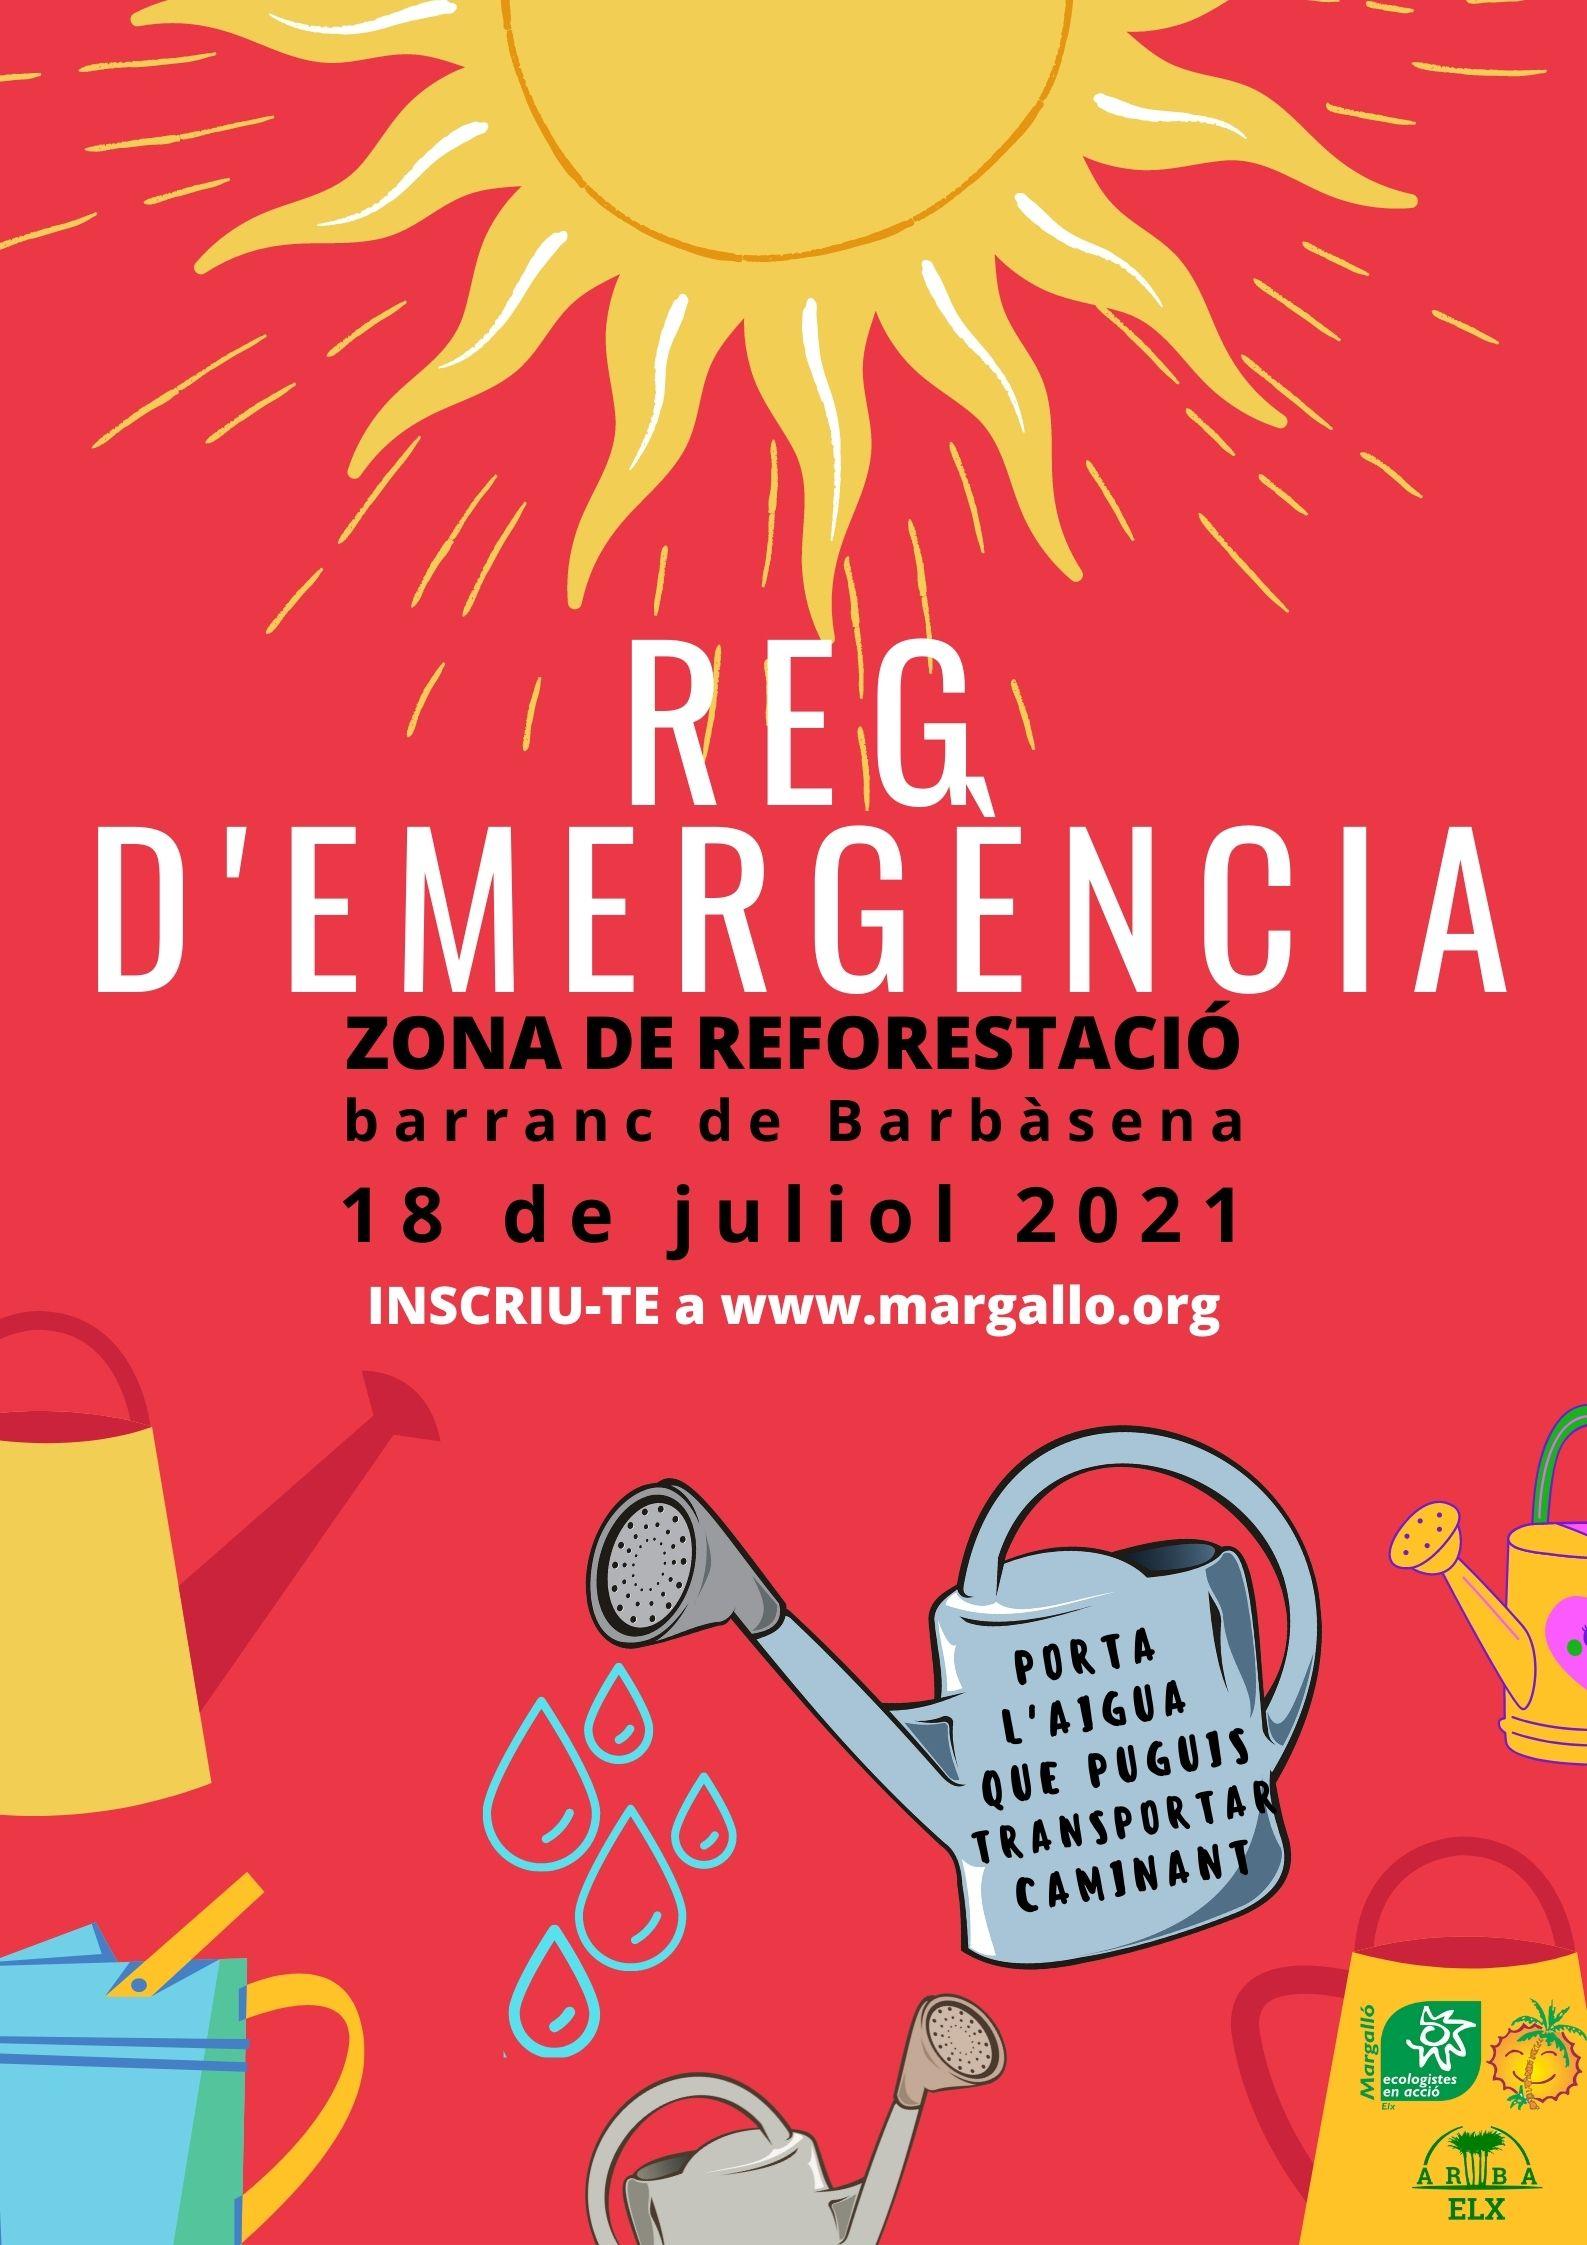 Reg de supervivencia a la zona de reforestació del barranc de Barbàsena el dissabte 18 de juliol a les 8:00h